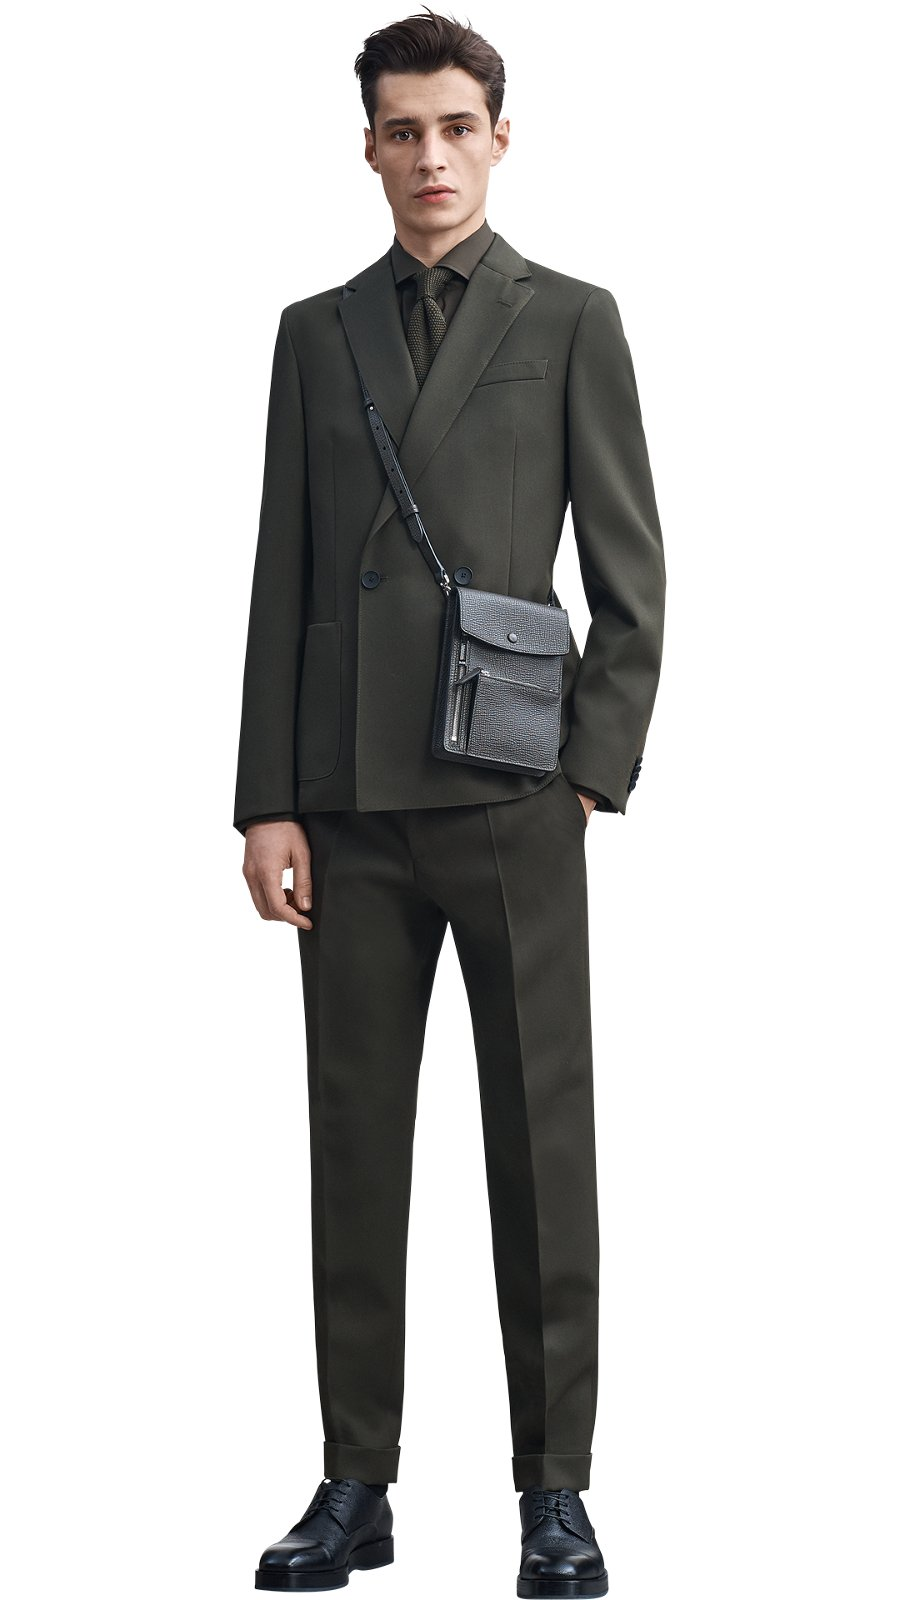 df08f8d6a818 Asesoramiento para trajes de BOSS para hombre - HUGO BOSS